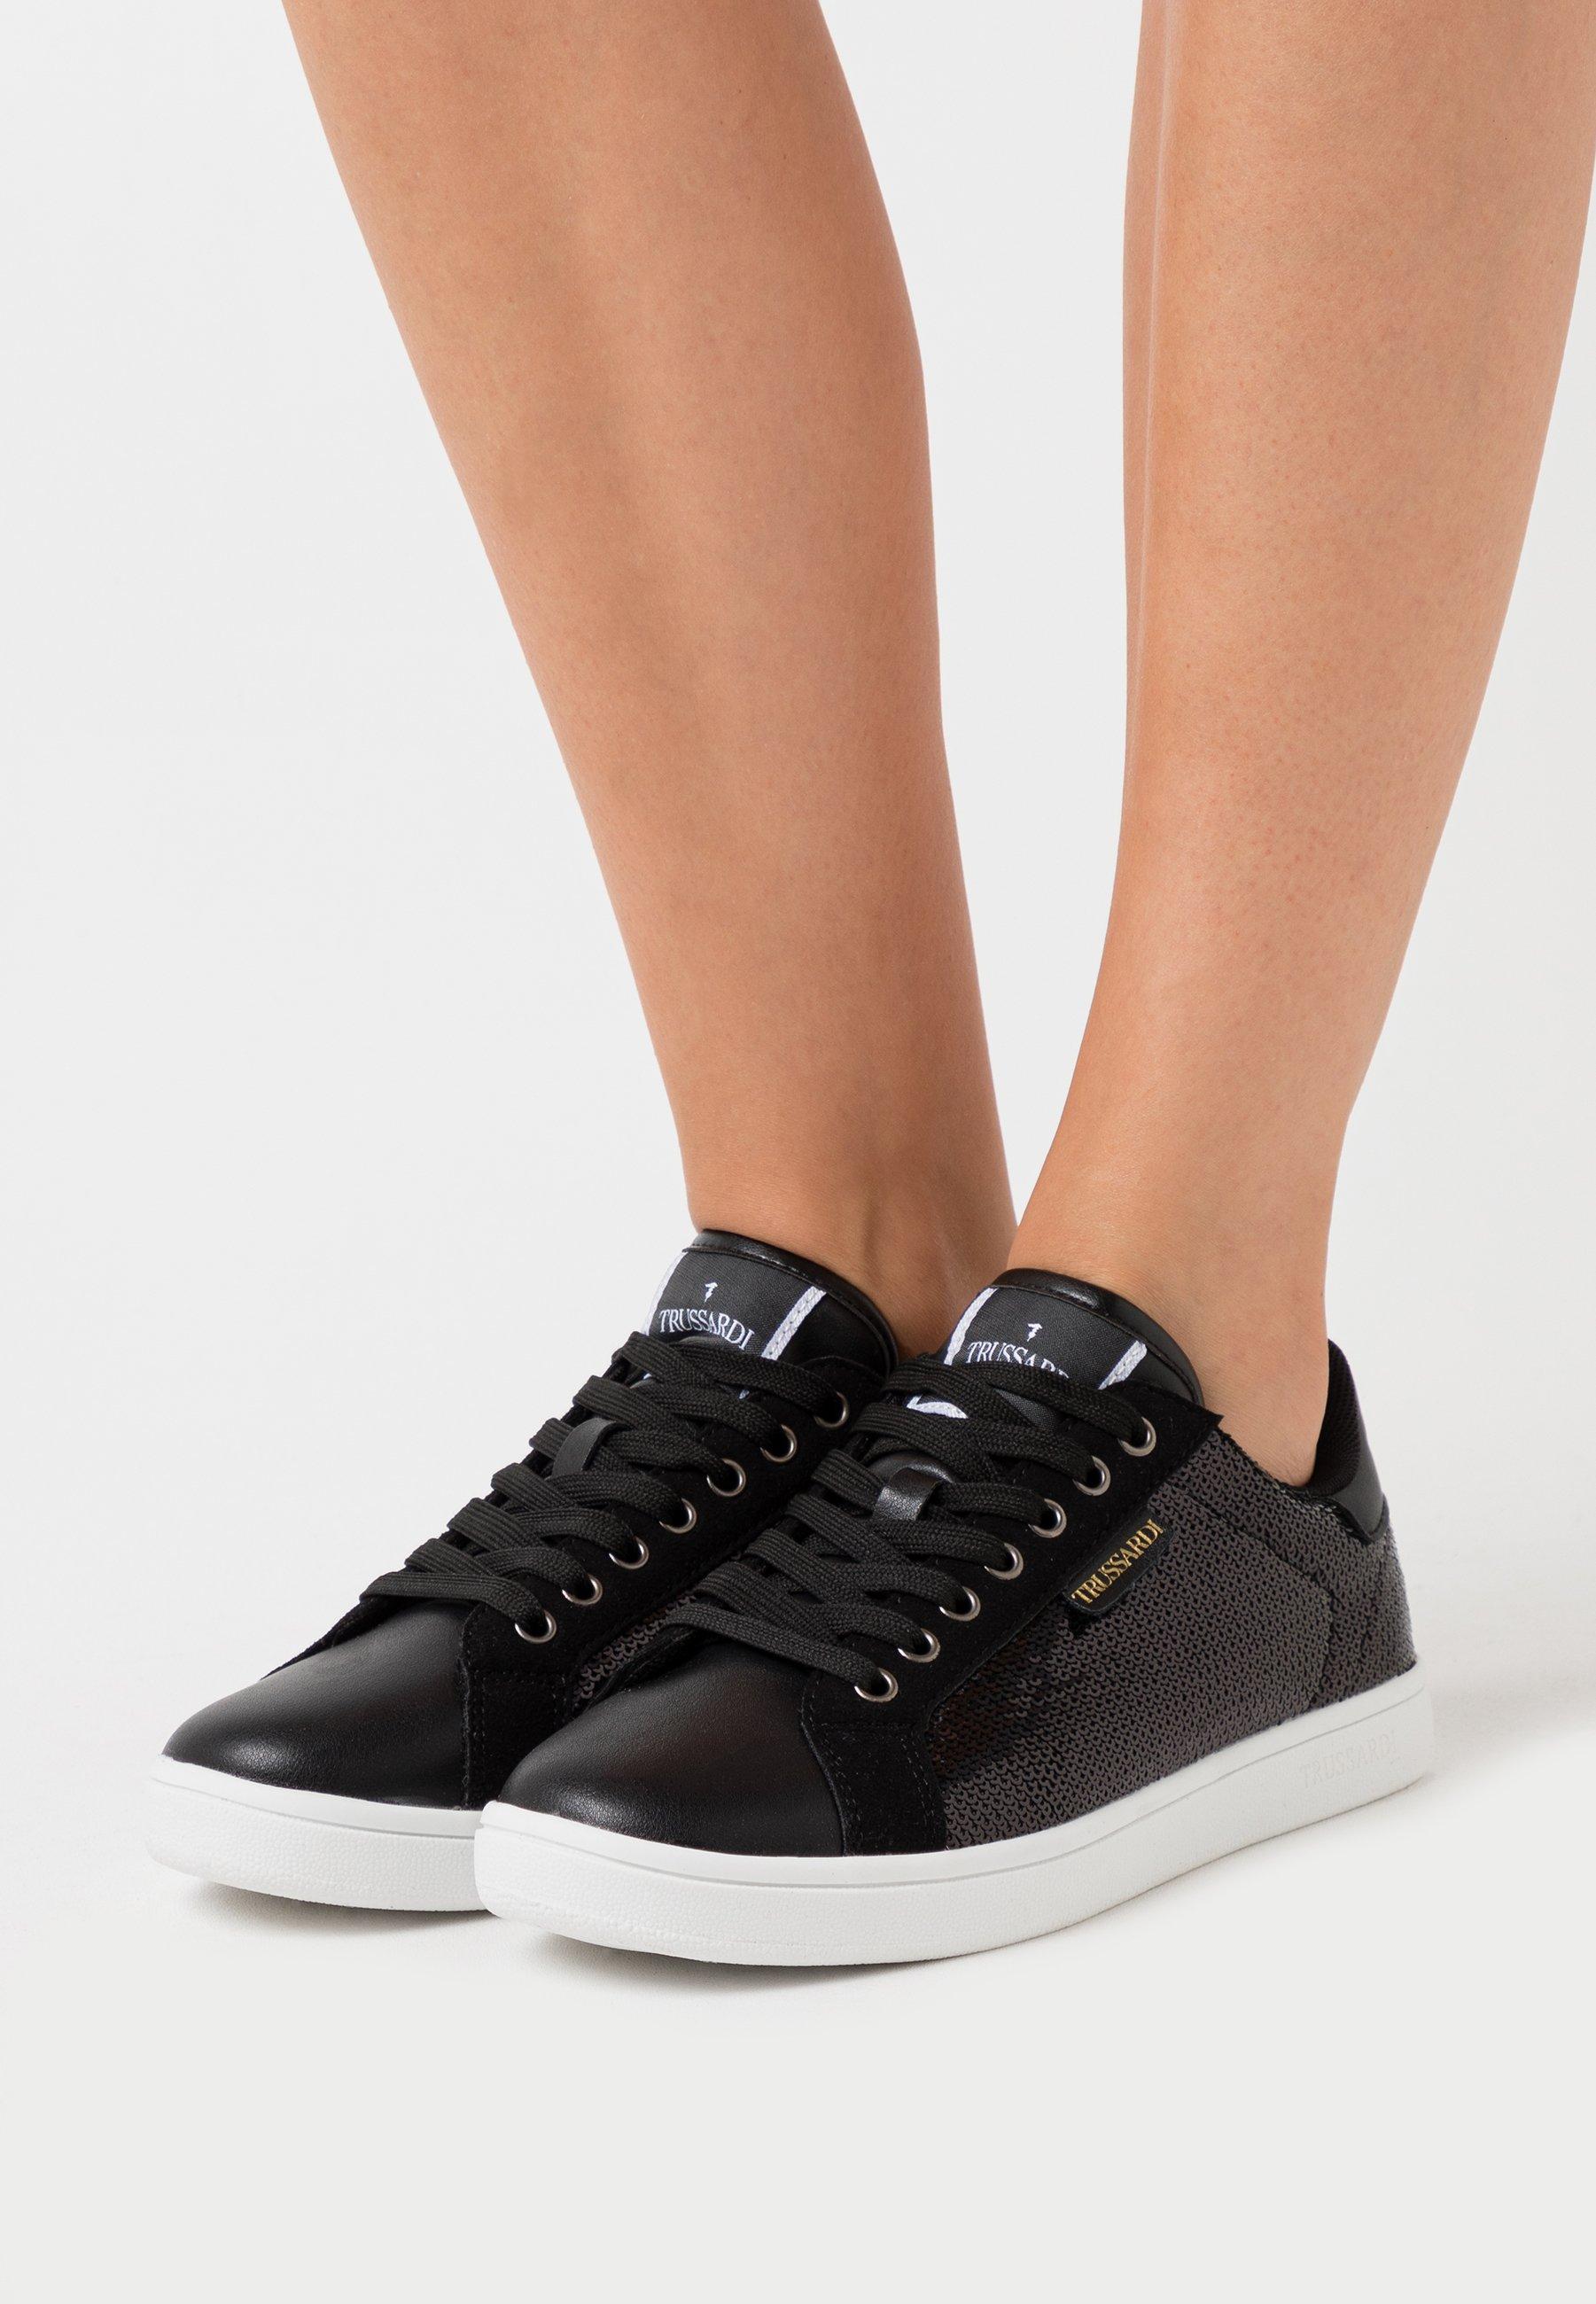 Gutes Angebot Trussardi GALIUM - Sneaker low - black | Damenbekleidung 2020